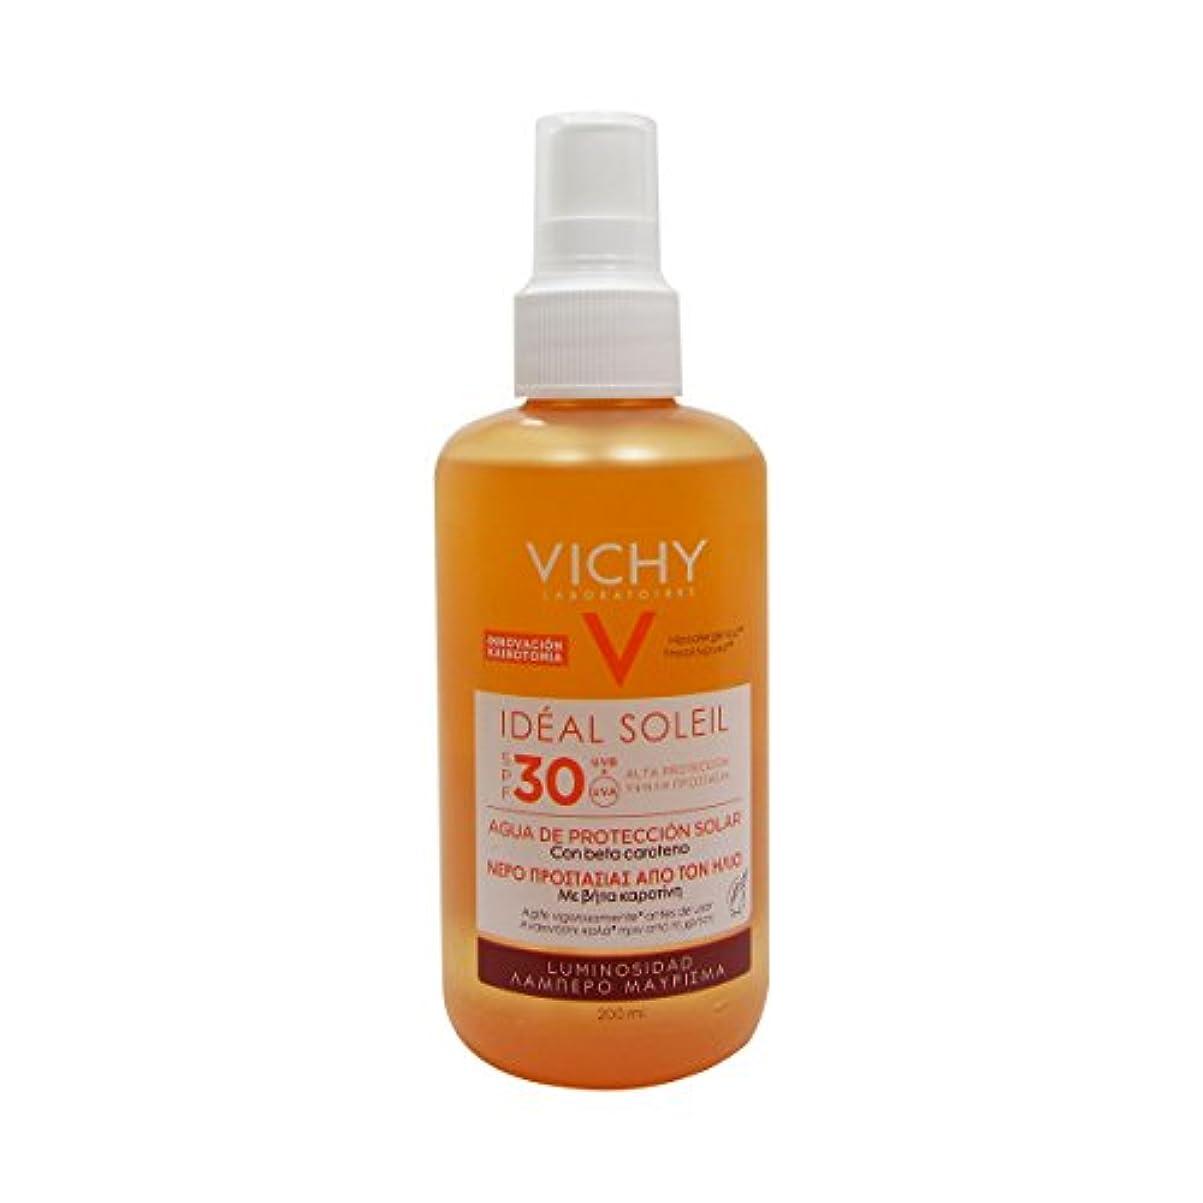 成功リクルート六分儀Vichy Ideal Soleil Fresh Water Sun Protection Spf30 Luminous Tan 200ml [並行輸入品]